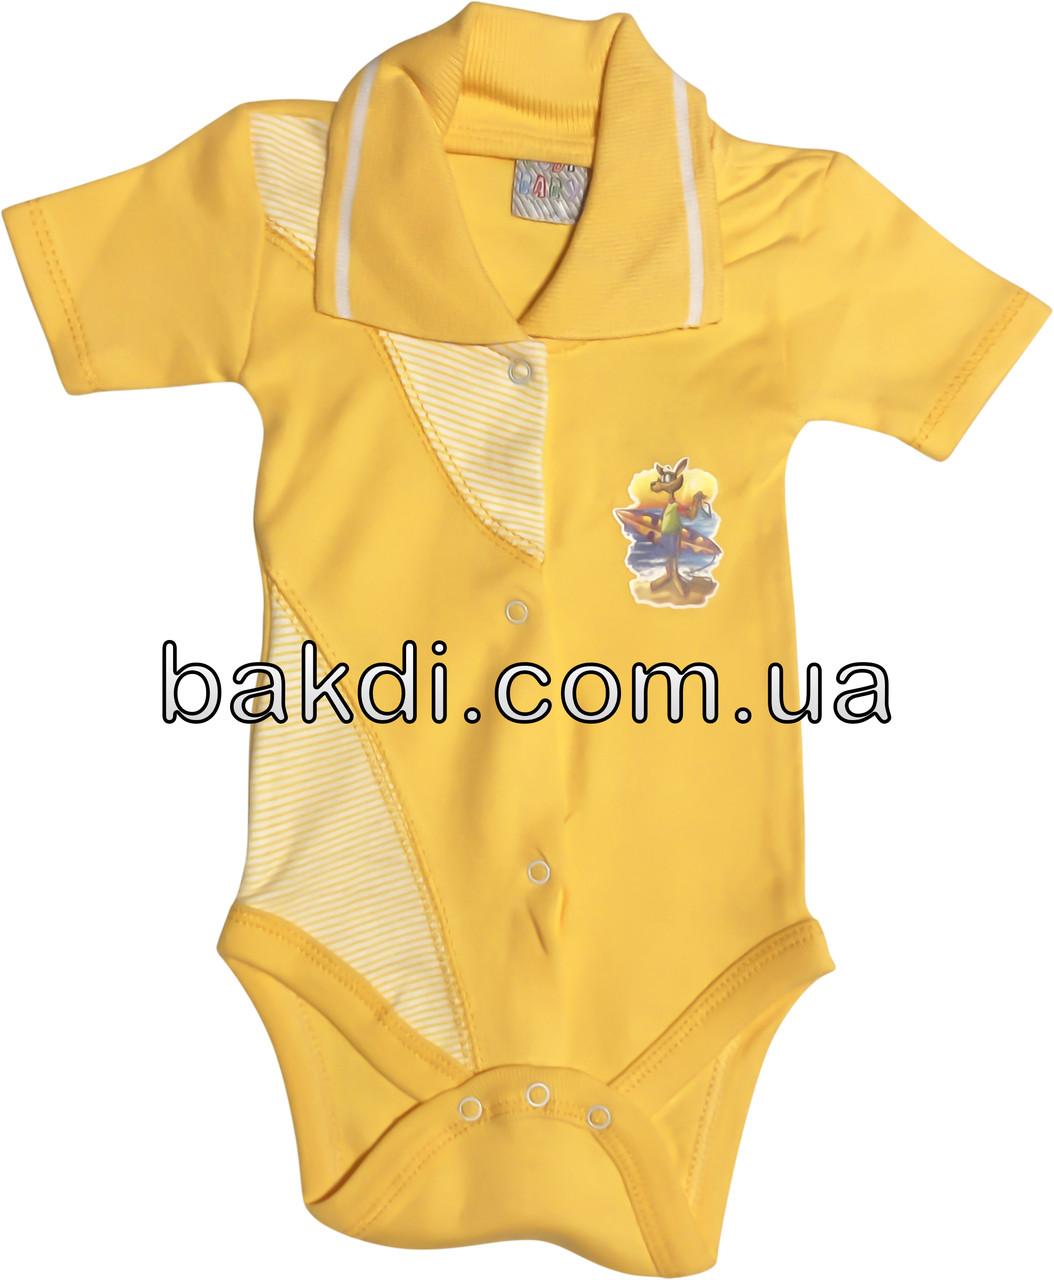 Детское летнее боди рост 74 6-9 мес трикотажное оранжевое на мальчика девочку бодик с коротким рукавом для новорожденных малышей ТО200